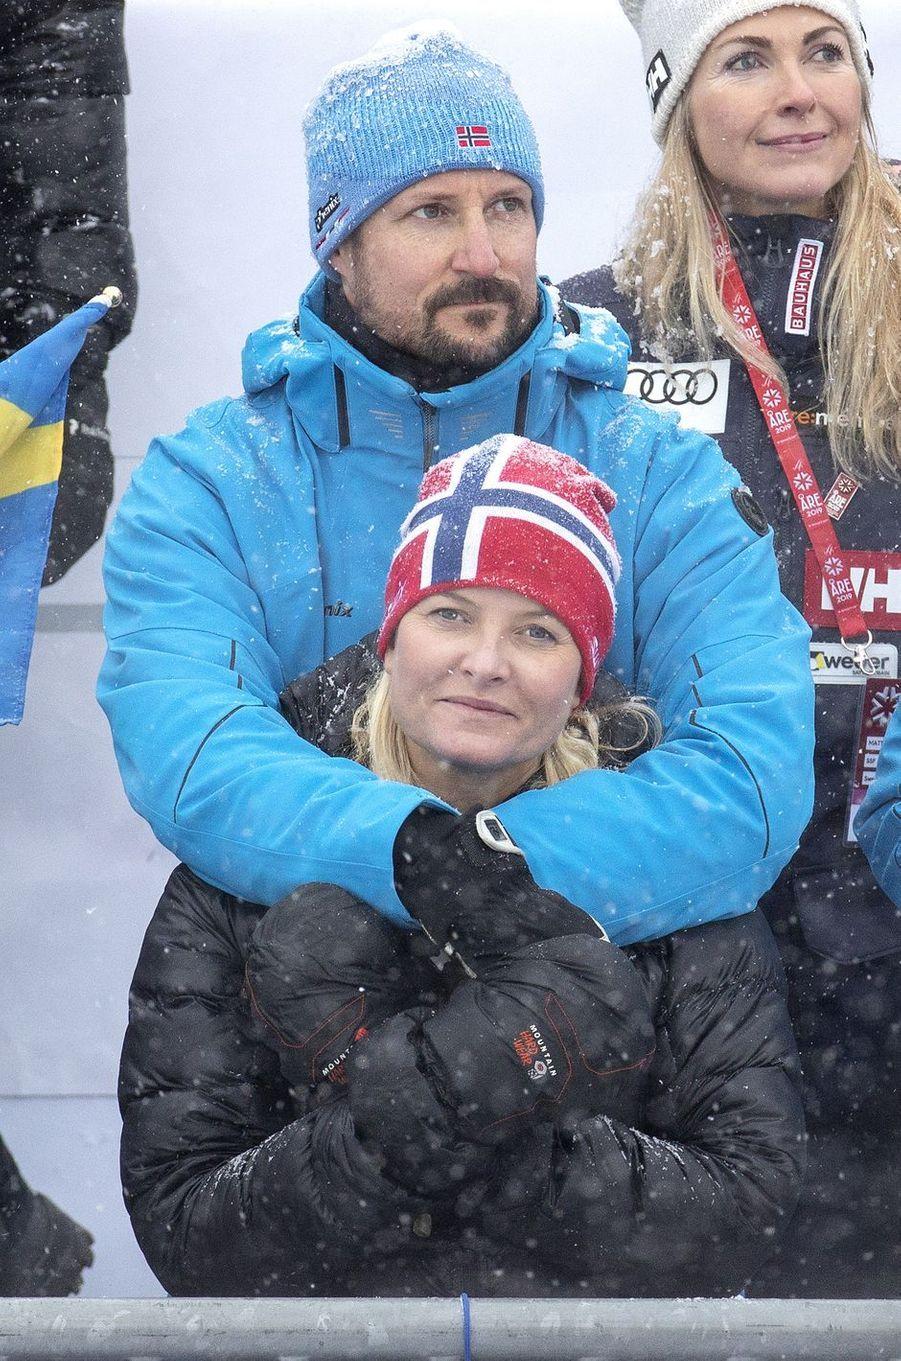 La princesse Mette-Marit et le prince Haakon de Norvège à Are, le 9 février 2019